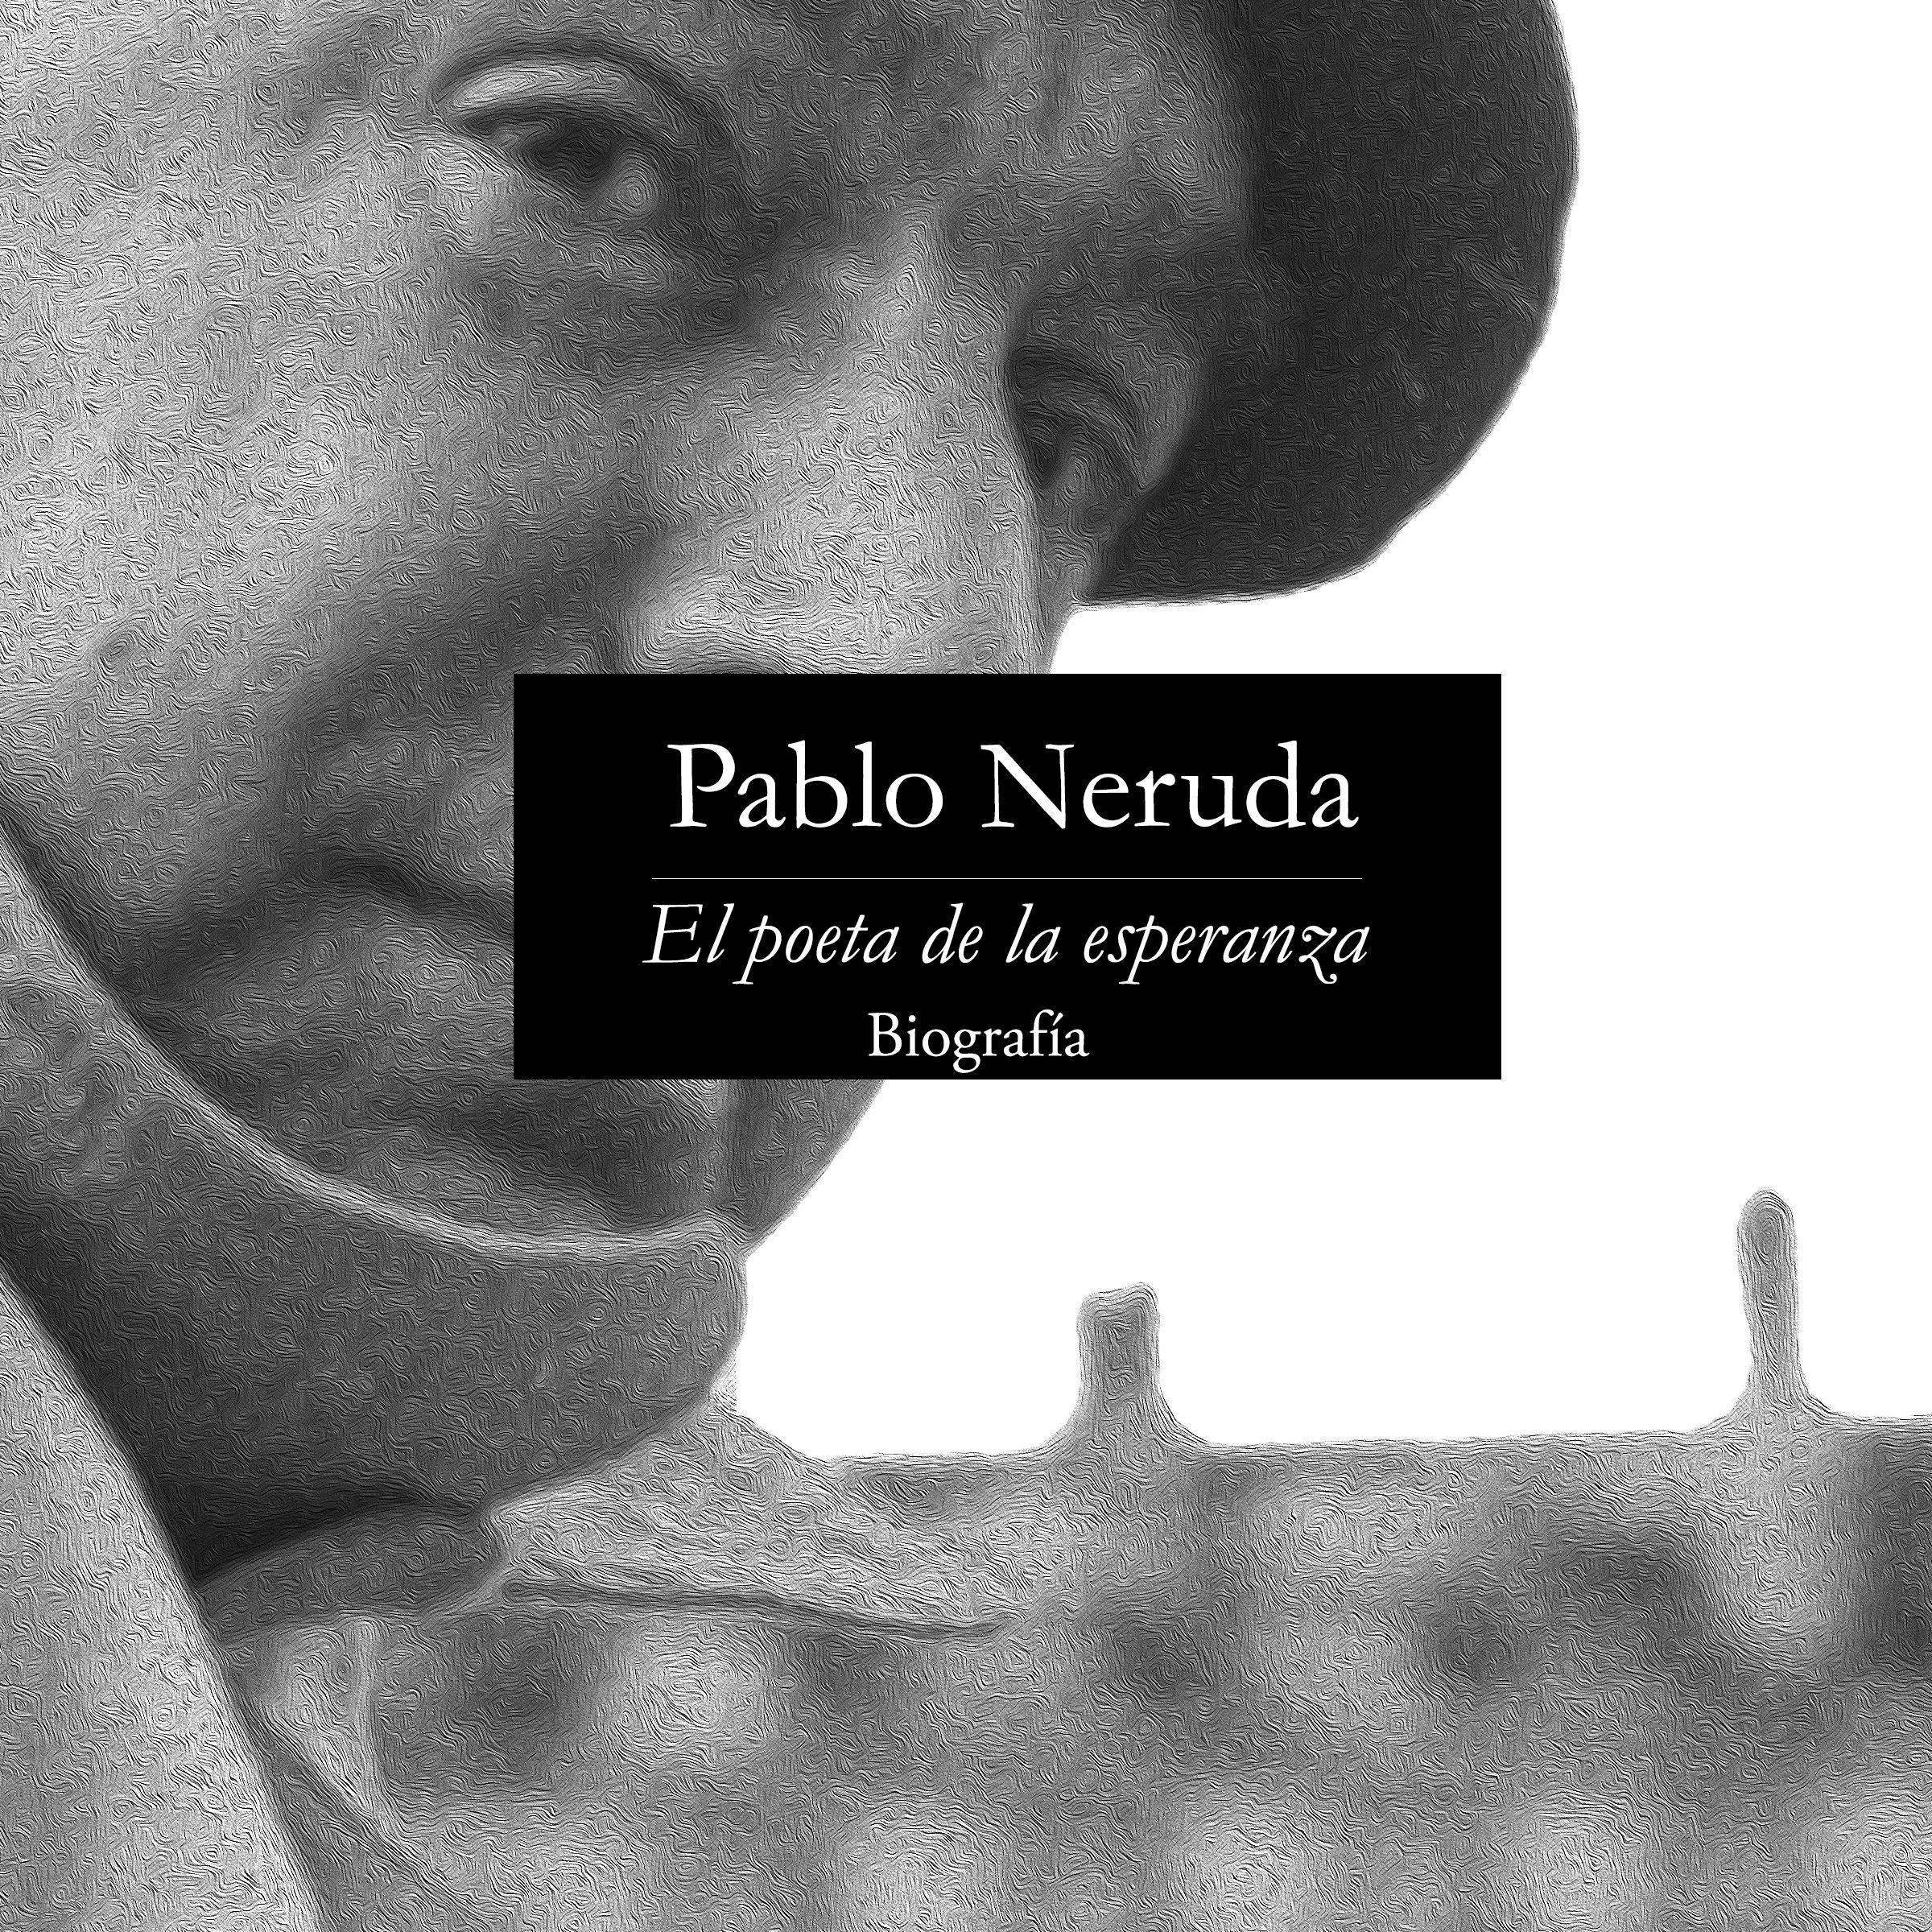 """Ricardo Eliécer Neftalí Reyes Basoalto, su verdadero nombre, fue un extraordinario poeta y militante comunista chileno, considerado con justicia entre los mejores y más influyentes de su siglo, siendo incluso llamado por el novelista Gabriel García Márquez """"el más grande poeta del siglo XX en cualquier idioma"""" ¡Imperdible!"""